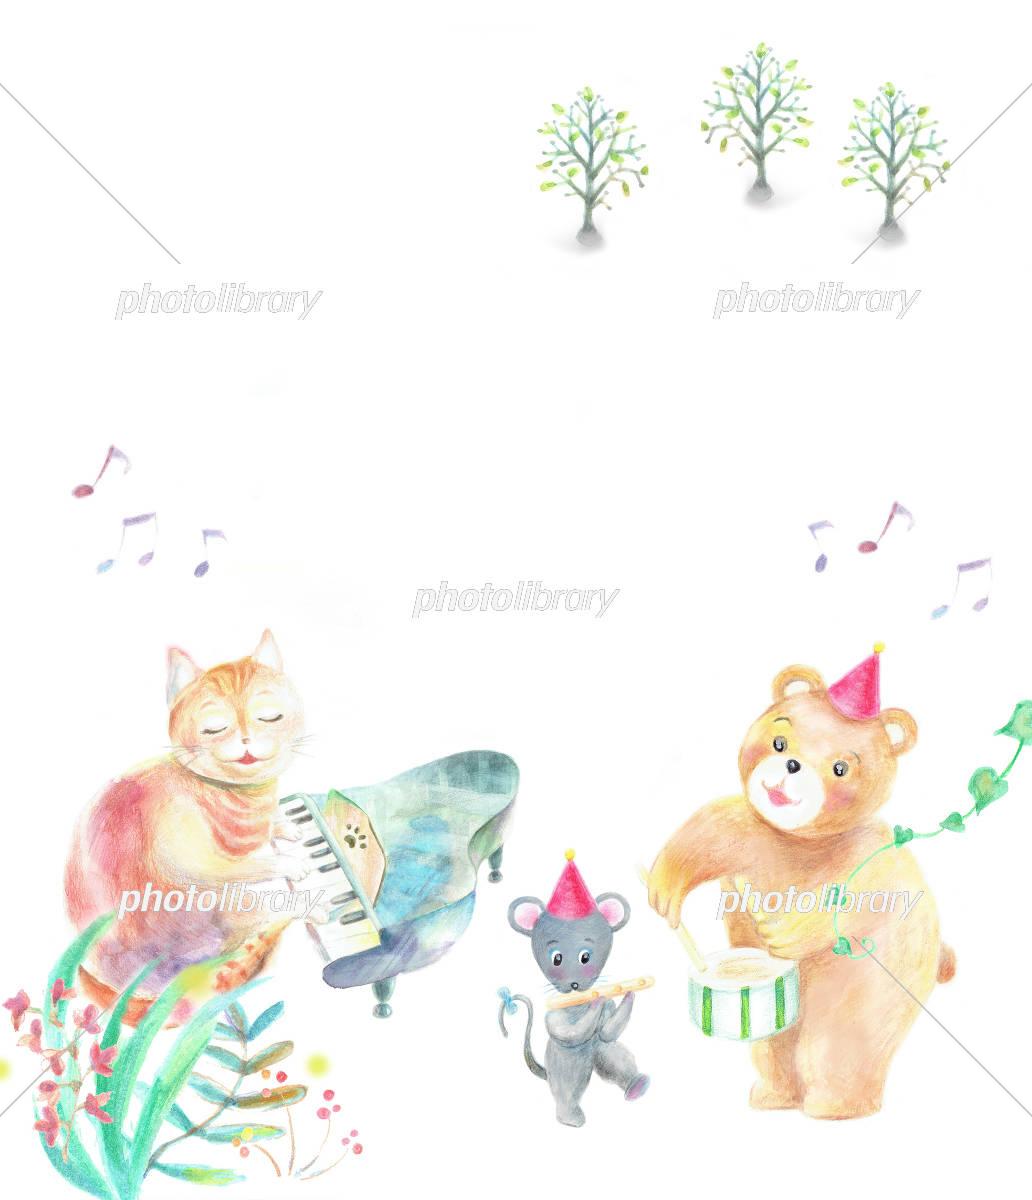 動物の音楽会 森の中 イラスト素材 [ 5496622 ] - フォトライブラリー